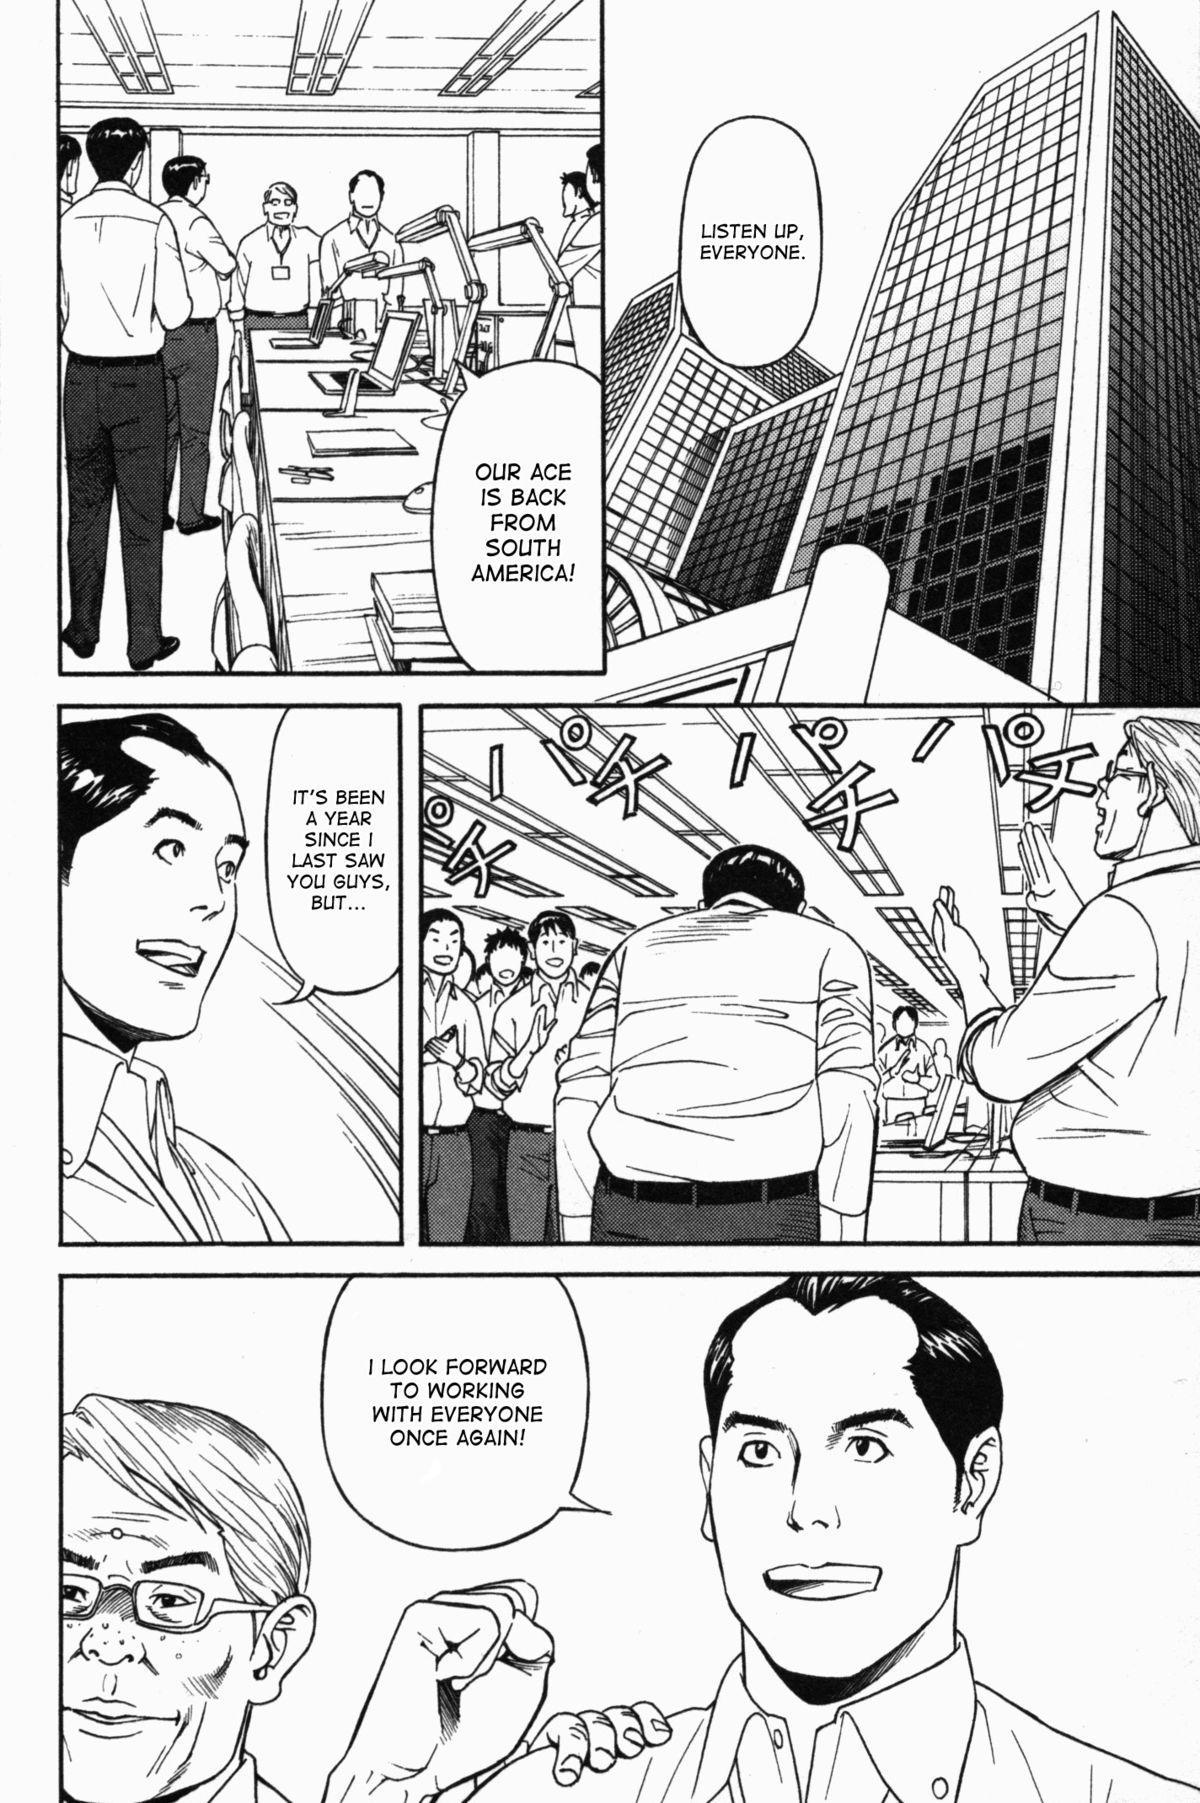 [Hara Shigeyuki] Ikenai Access -Yaritai Site 3- Ch. 1, 6 [English] [desudesu] 4